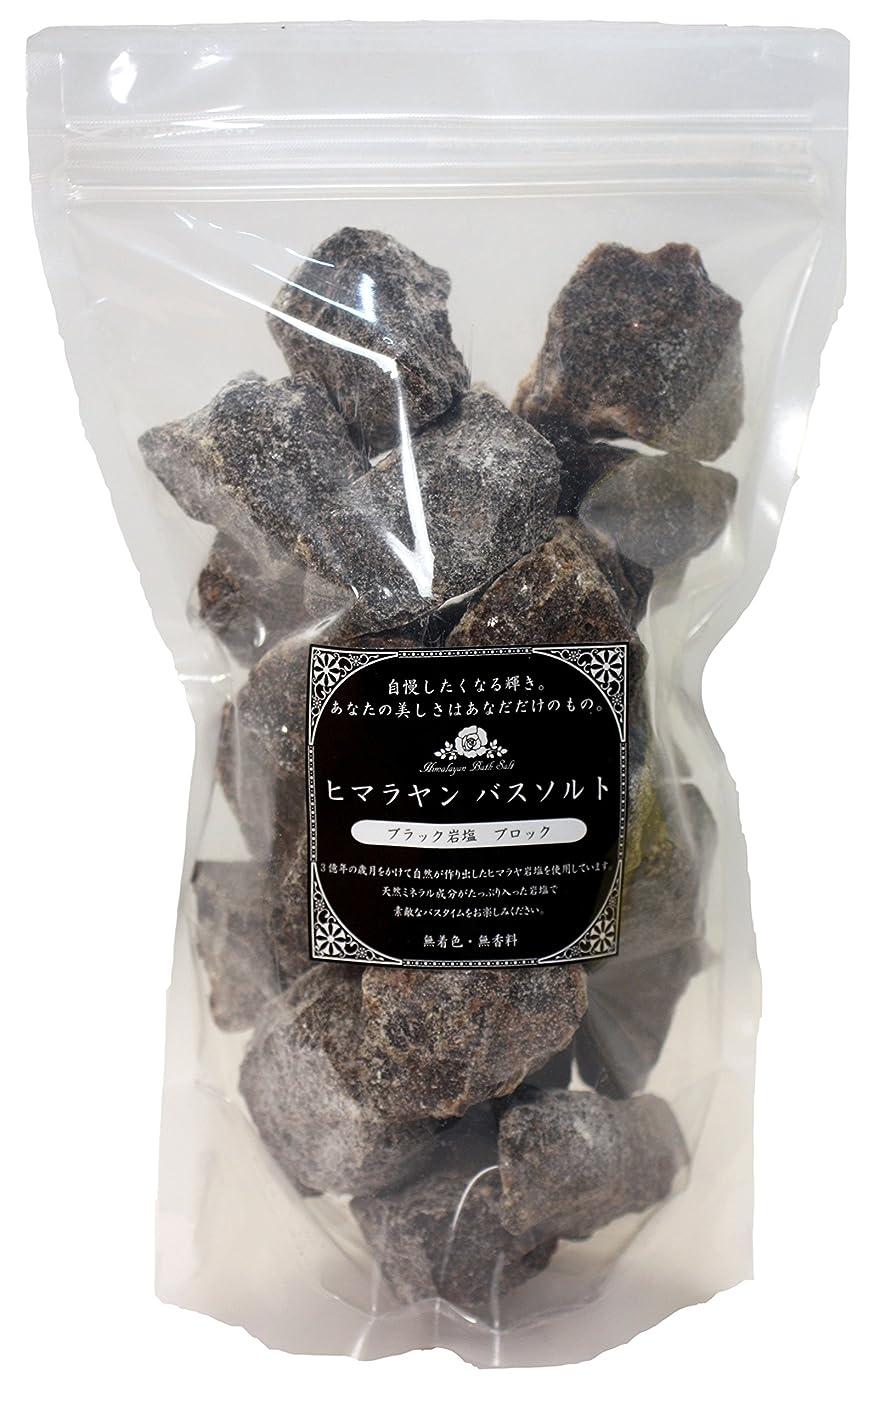 資本分子パンチヒマラヤンバスソルト 岩塩ブラック ブロック 1.2㎏